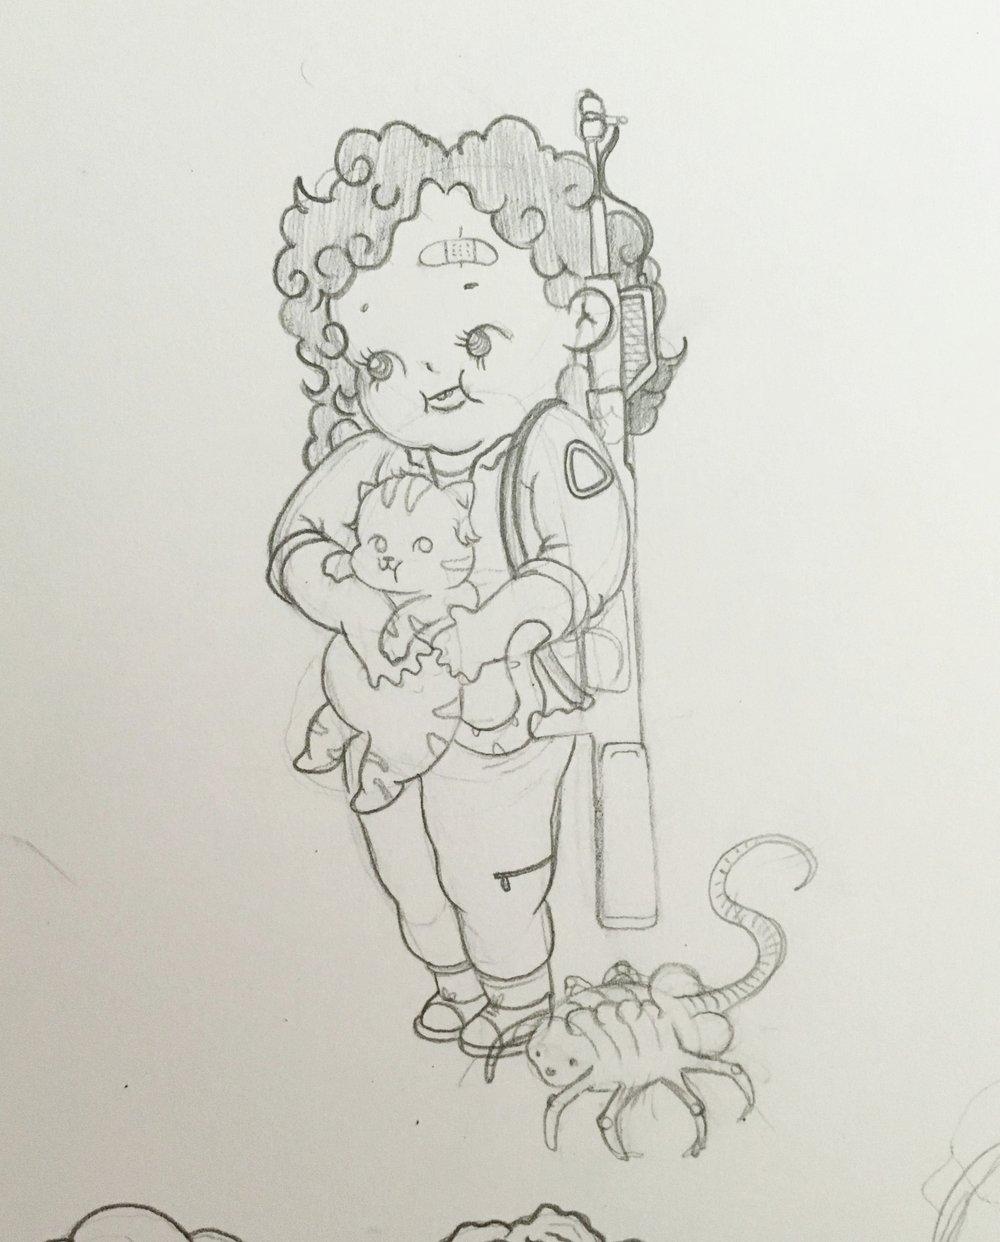 Little Ripley